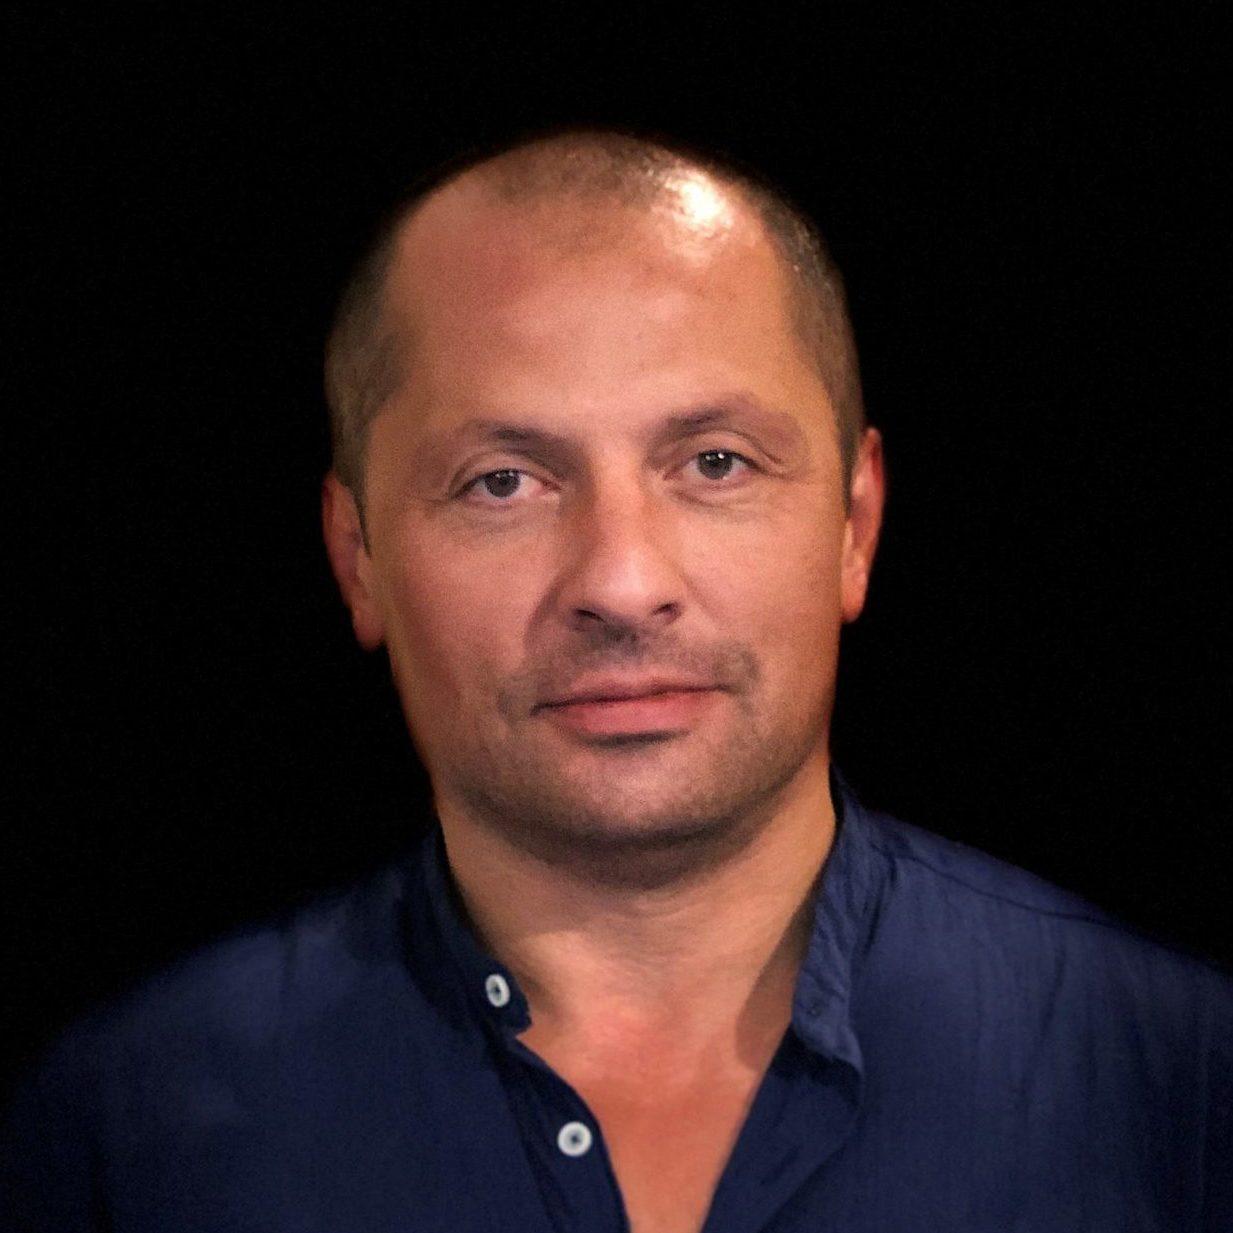 Grzegorz Konecki